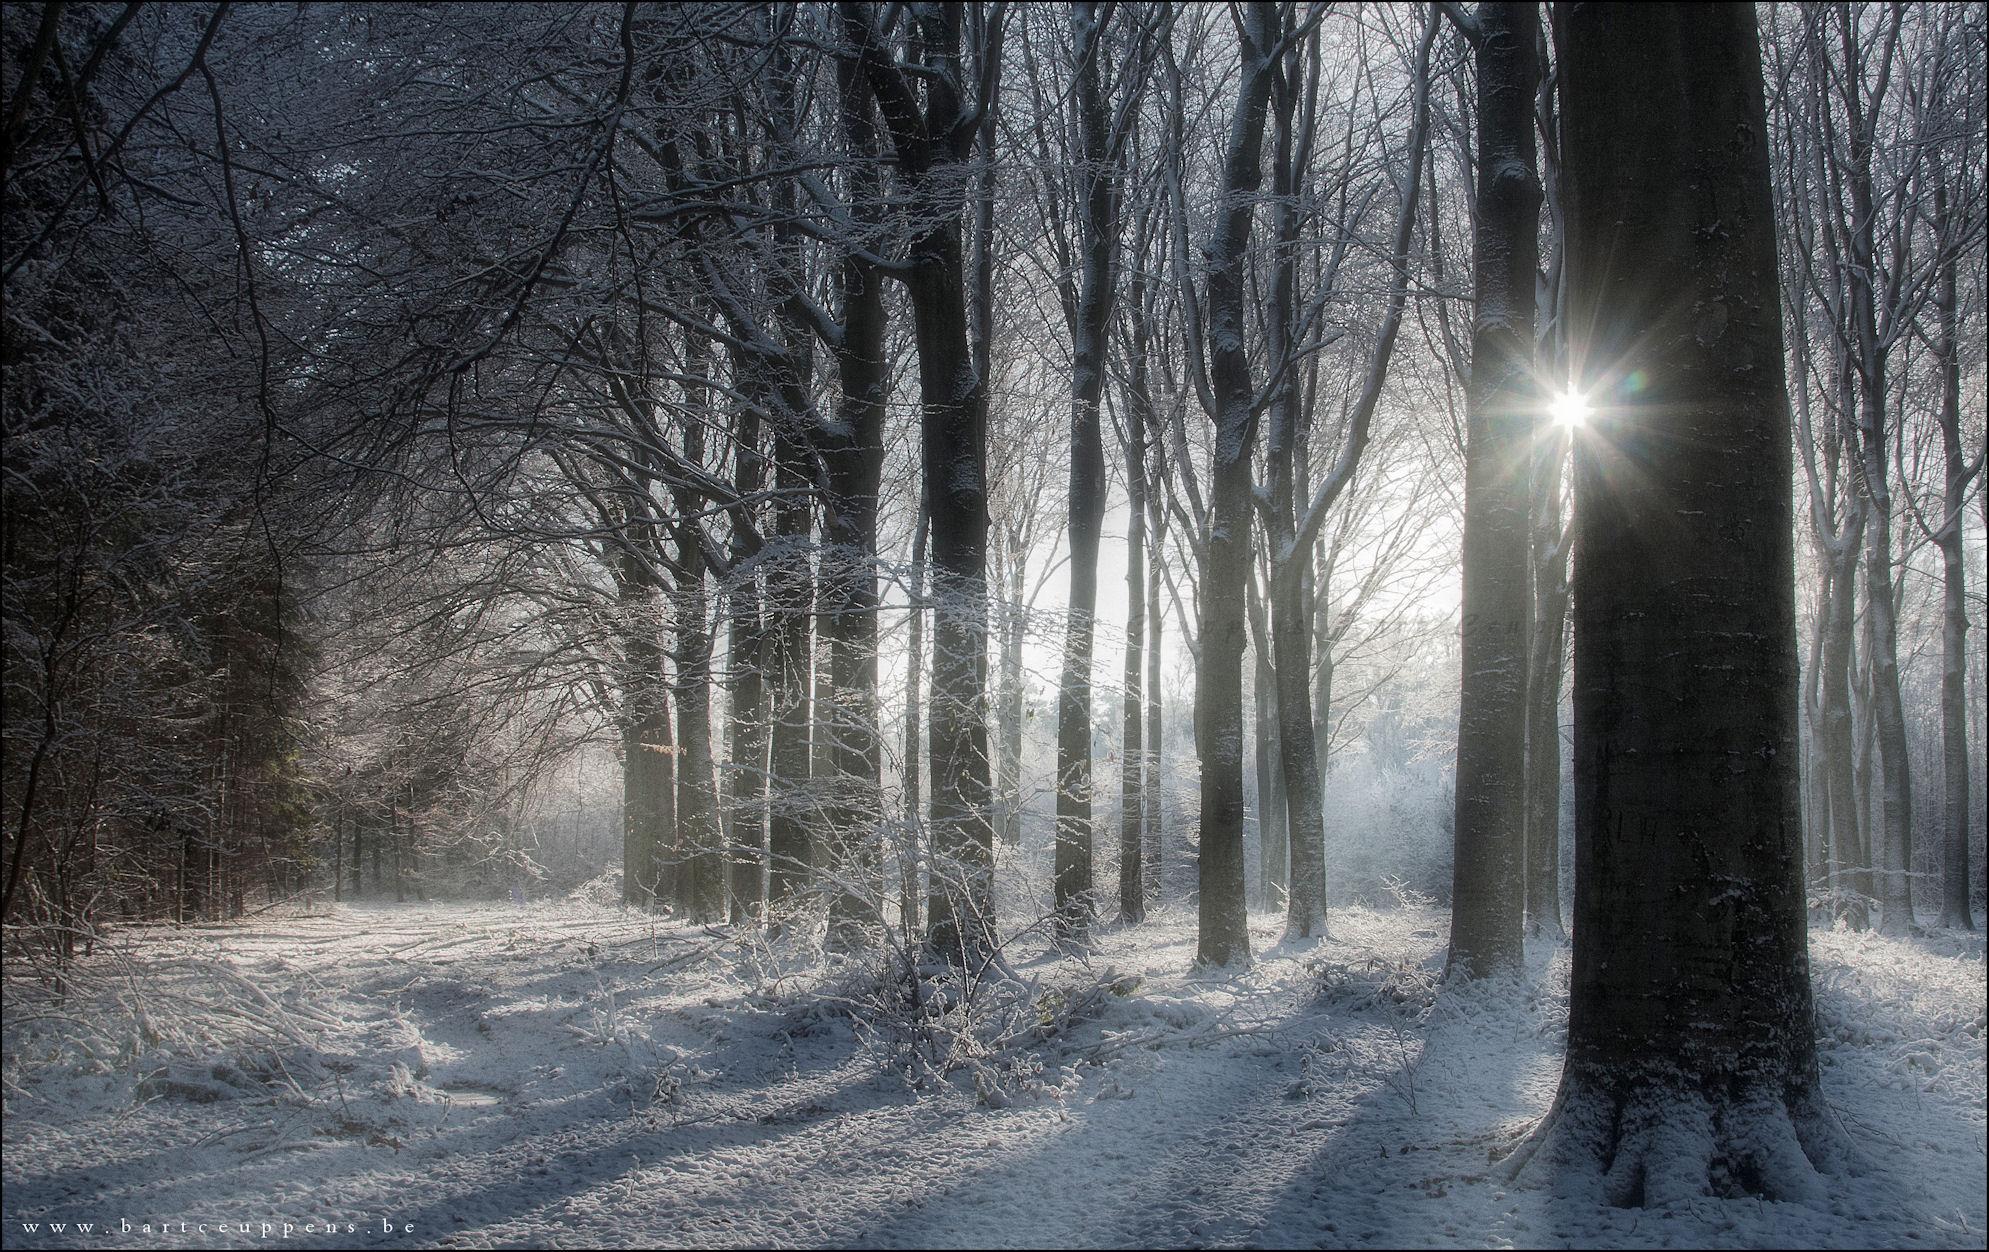 a winter fairytale 2b